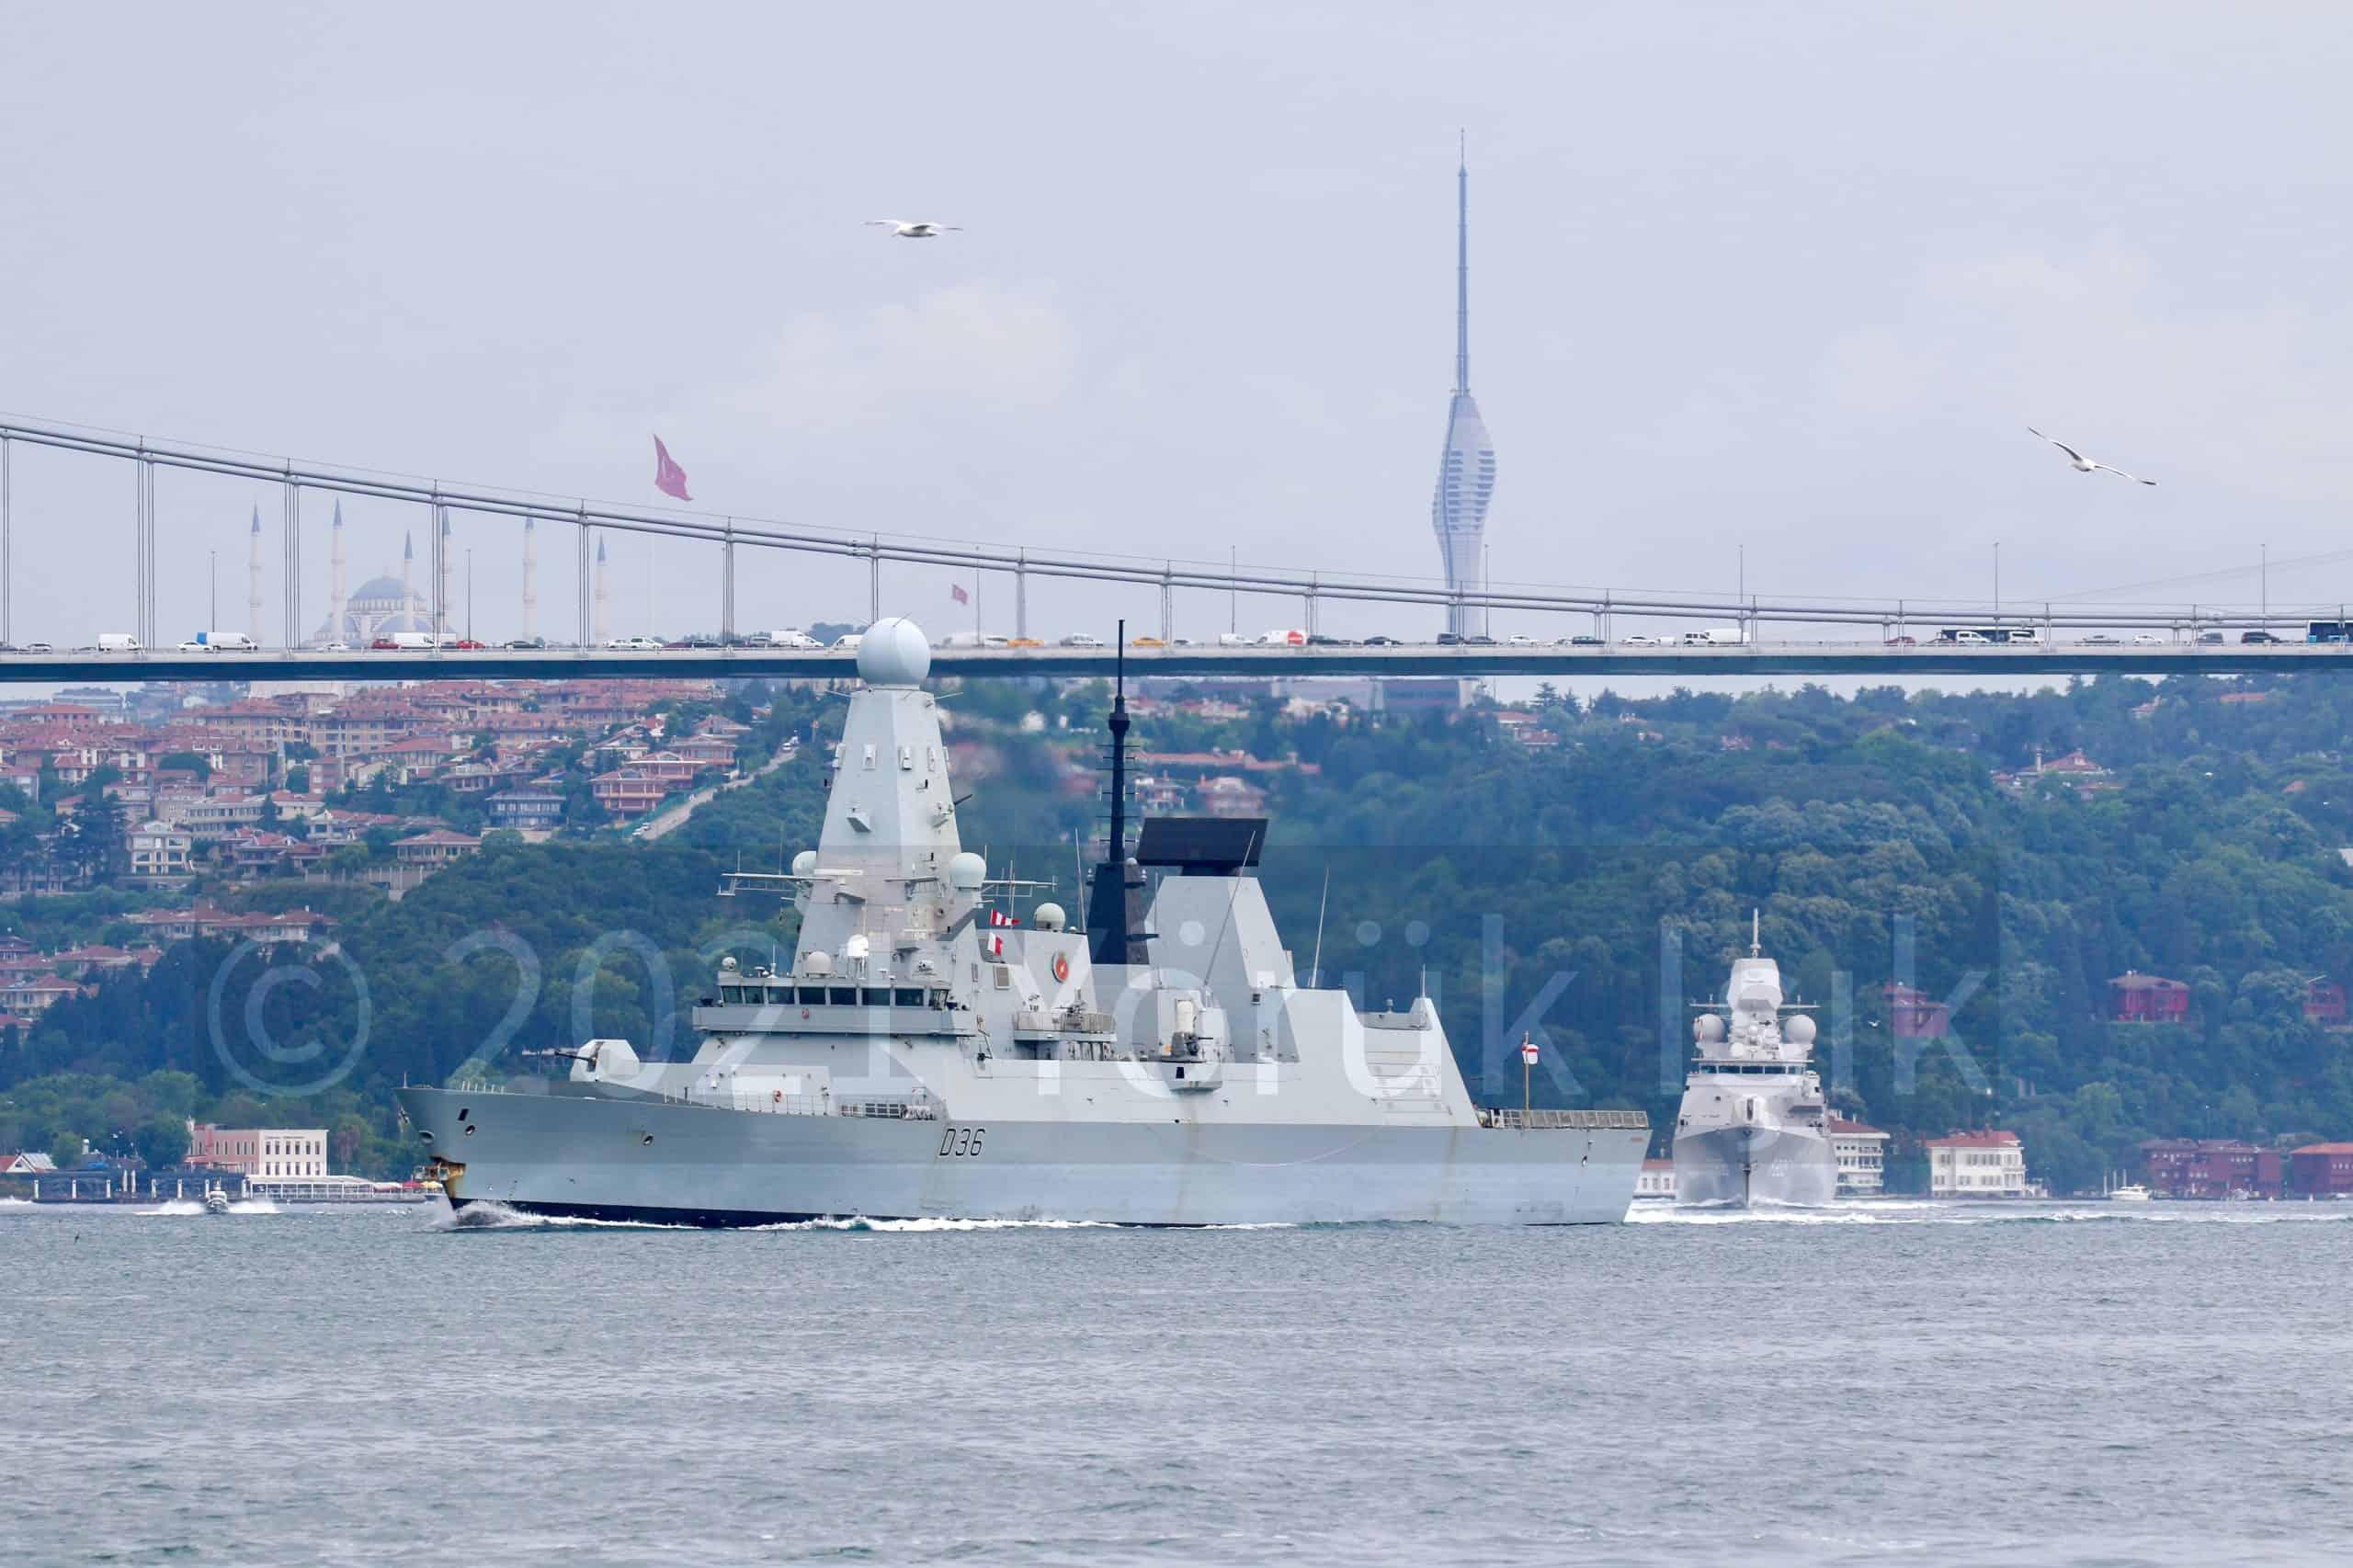 Есмінець Defender (D36) з Великої Британії та фрегат Evertsen (F805) з Нідерландів під час переходу Босфору